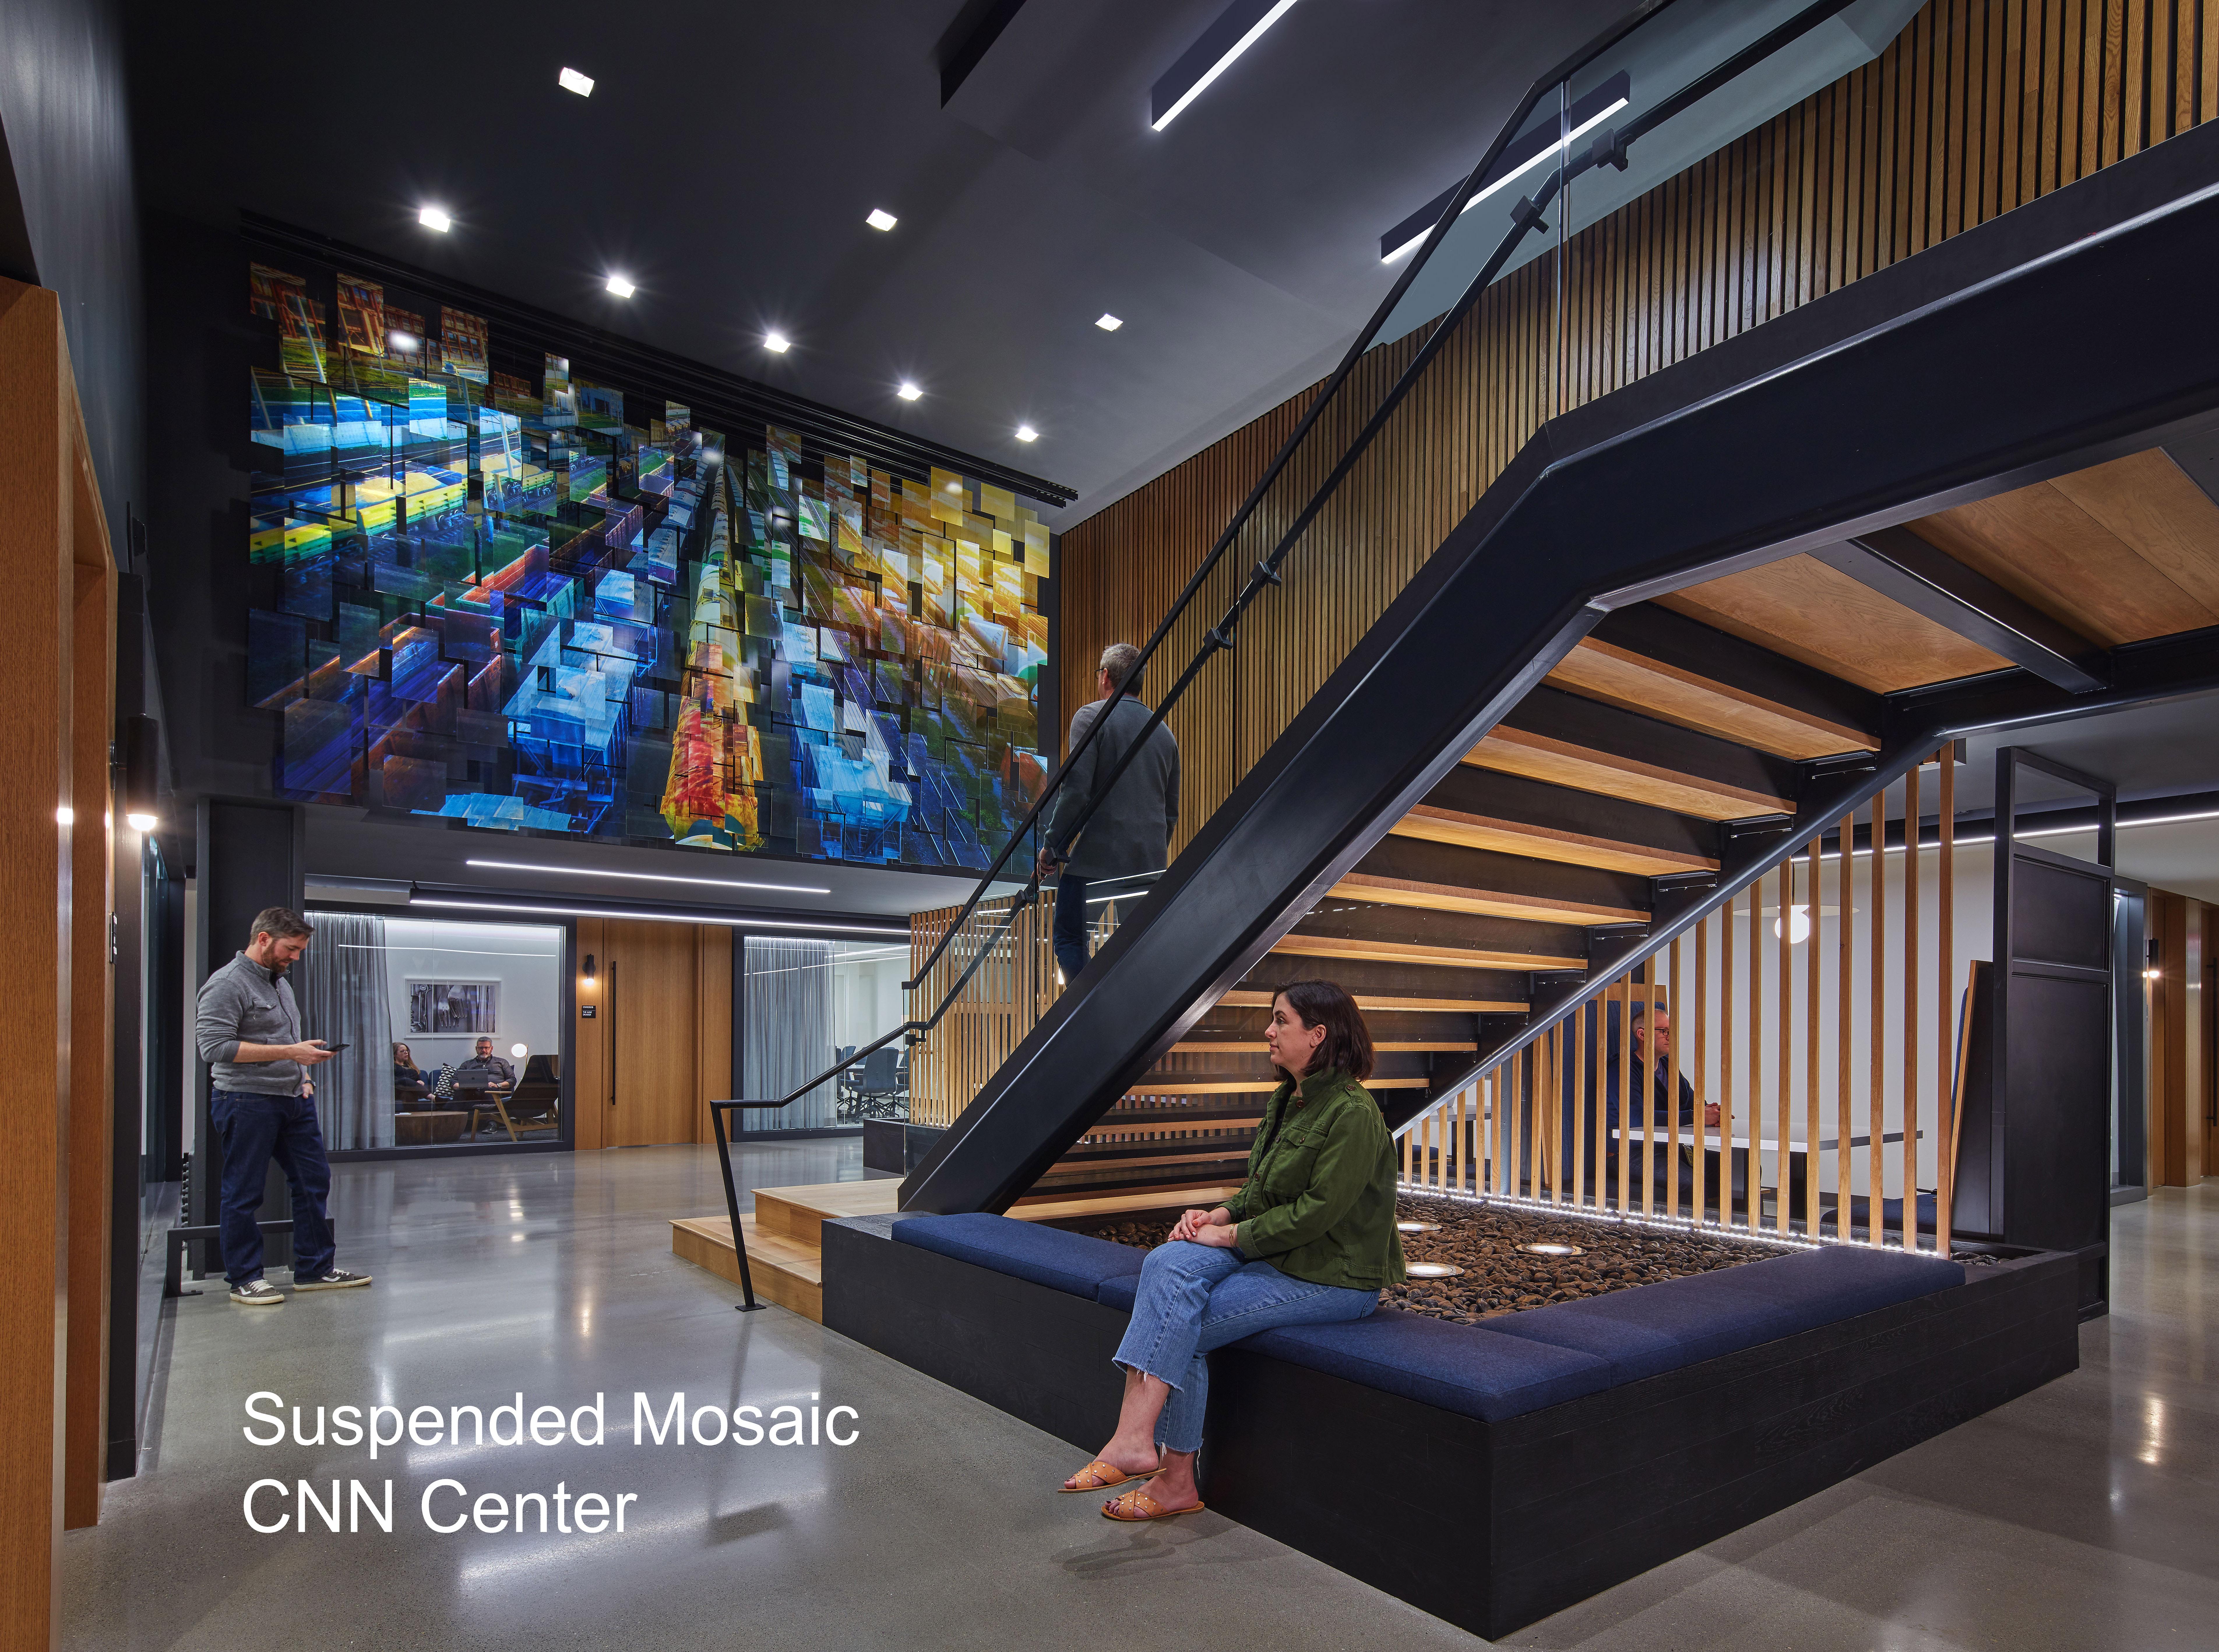 CNN Mosaic 1